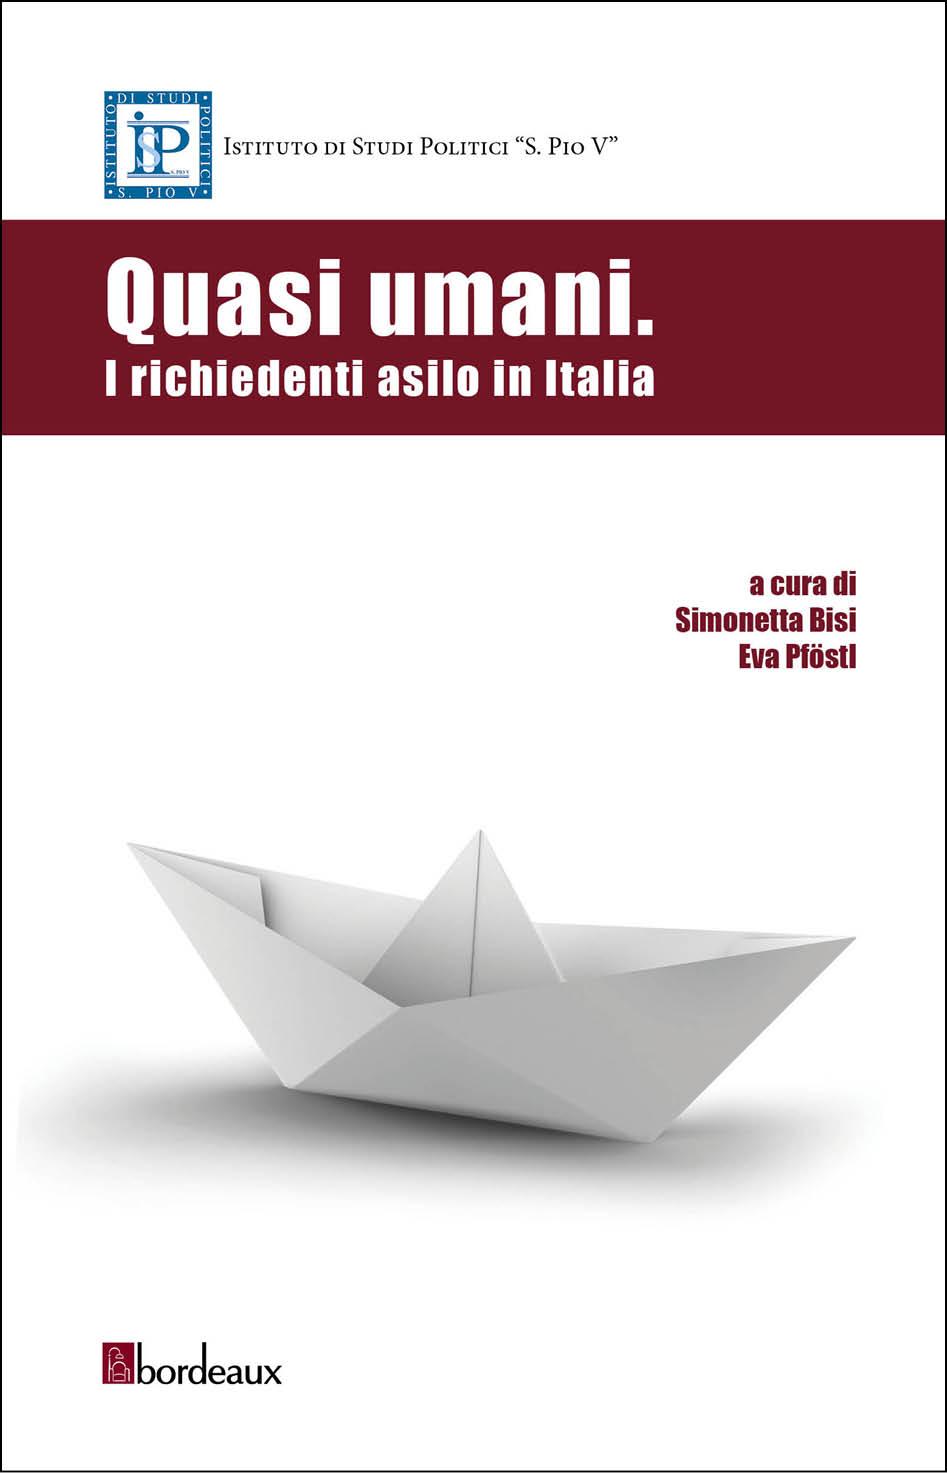 http://www.immigrazione.biz/libri/Quasi-umani.jpg